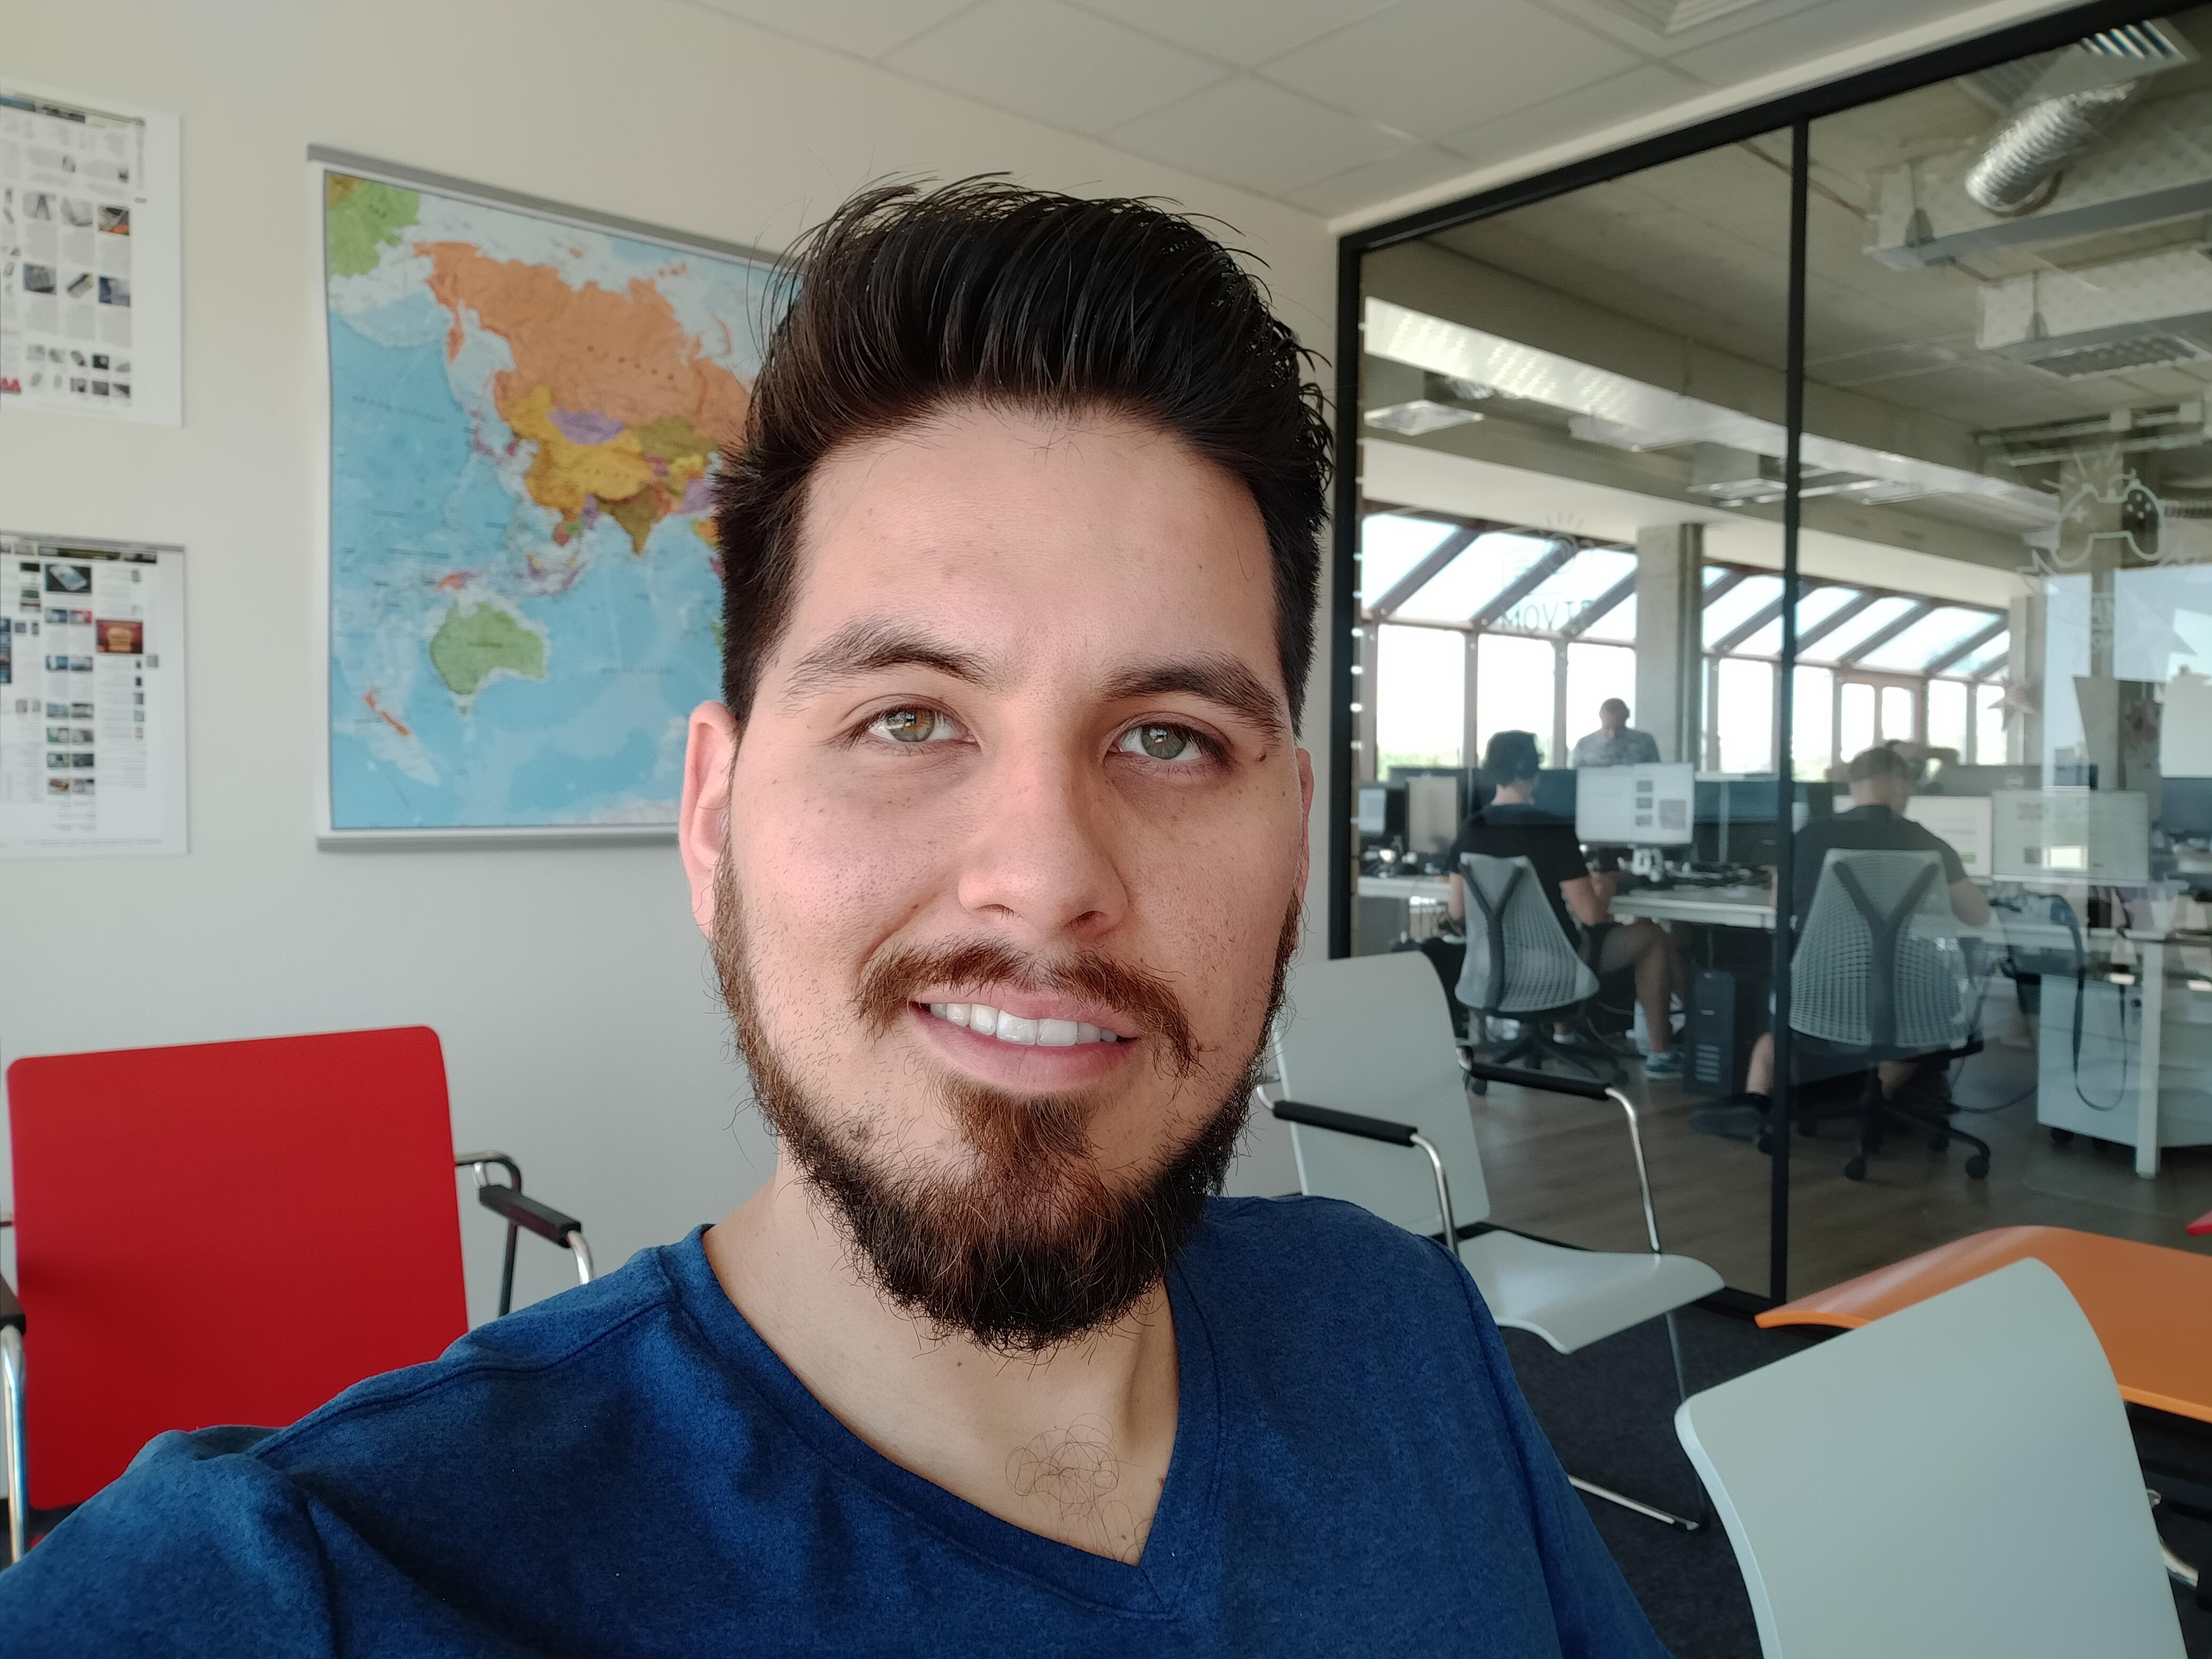 Sforum - Trang thông tin công nghệ mới nhất gsmarena_112 Đánh giá Realme 5: Thiết kế cao cấp, họa tiết lưng đẹp mắt, 4 camera linh hoạt, giá chỉ 3,990,000 đồng